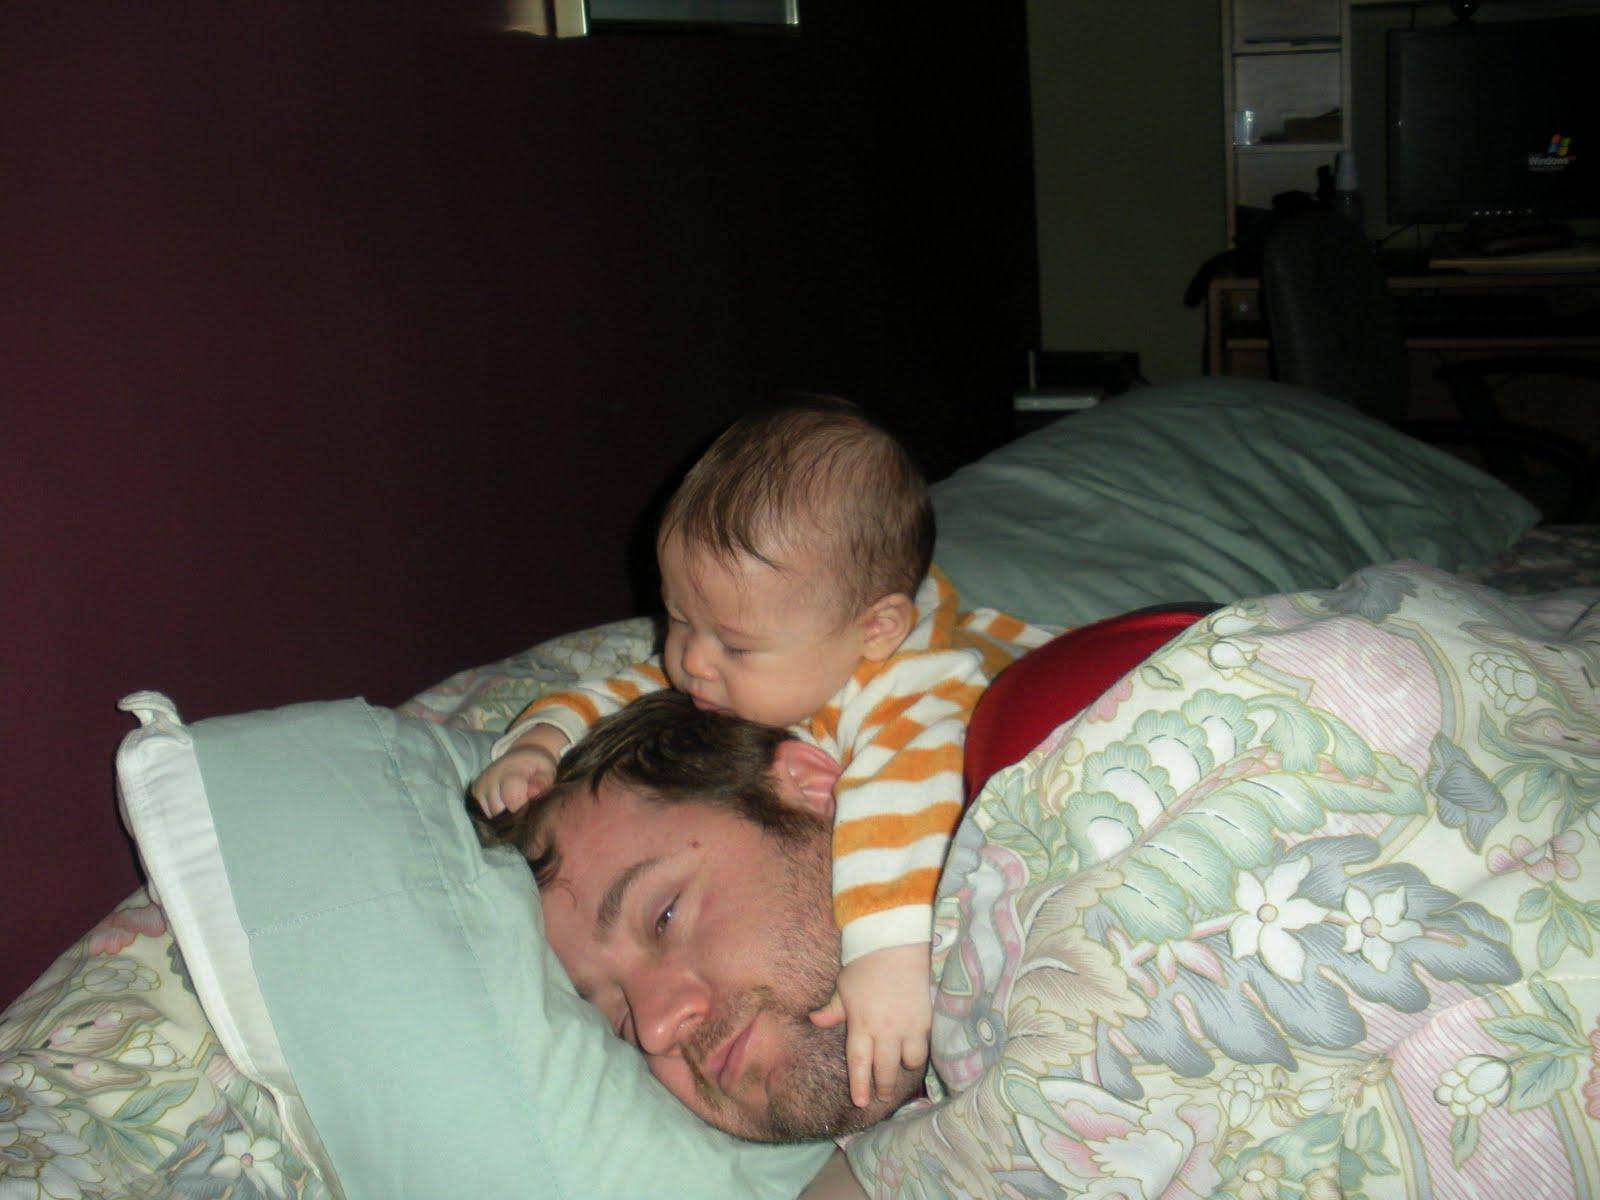 Фотографии пока она спит, Спящие жены без трусов (47 фото) 2 фотография